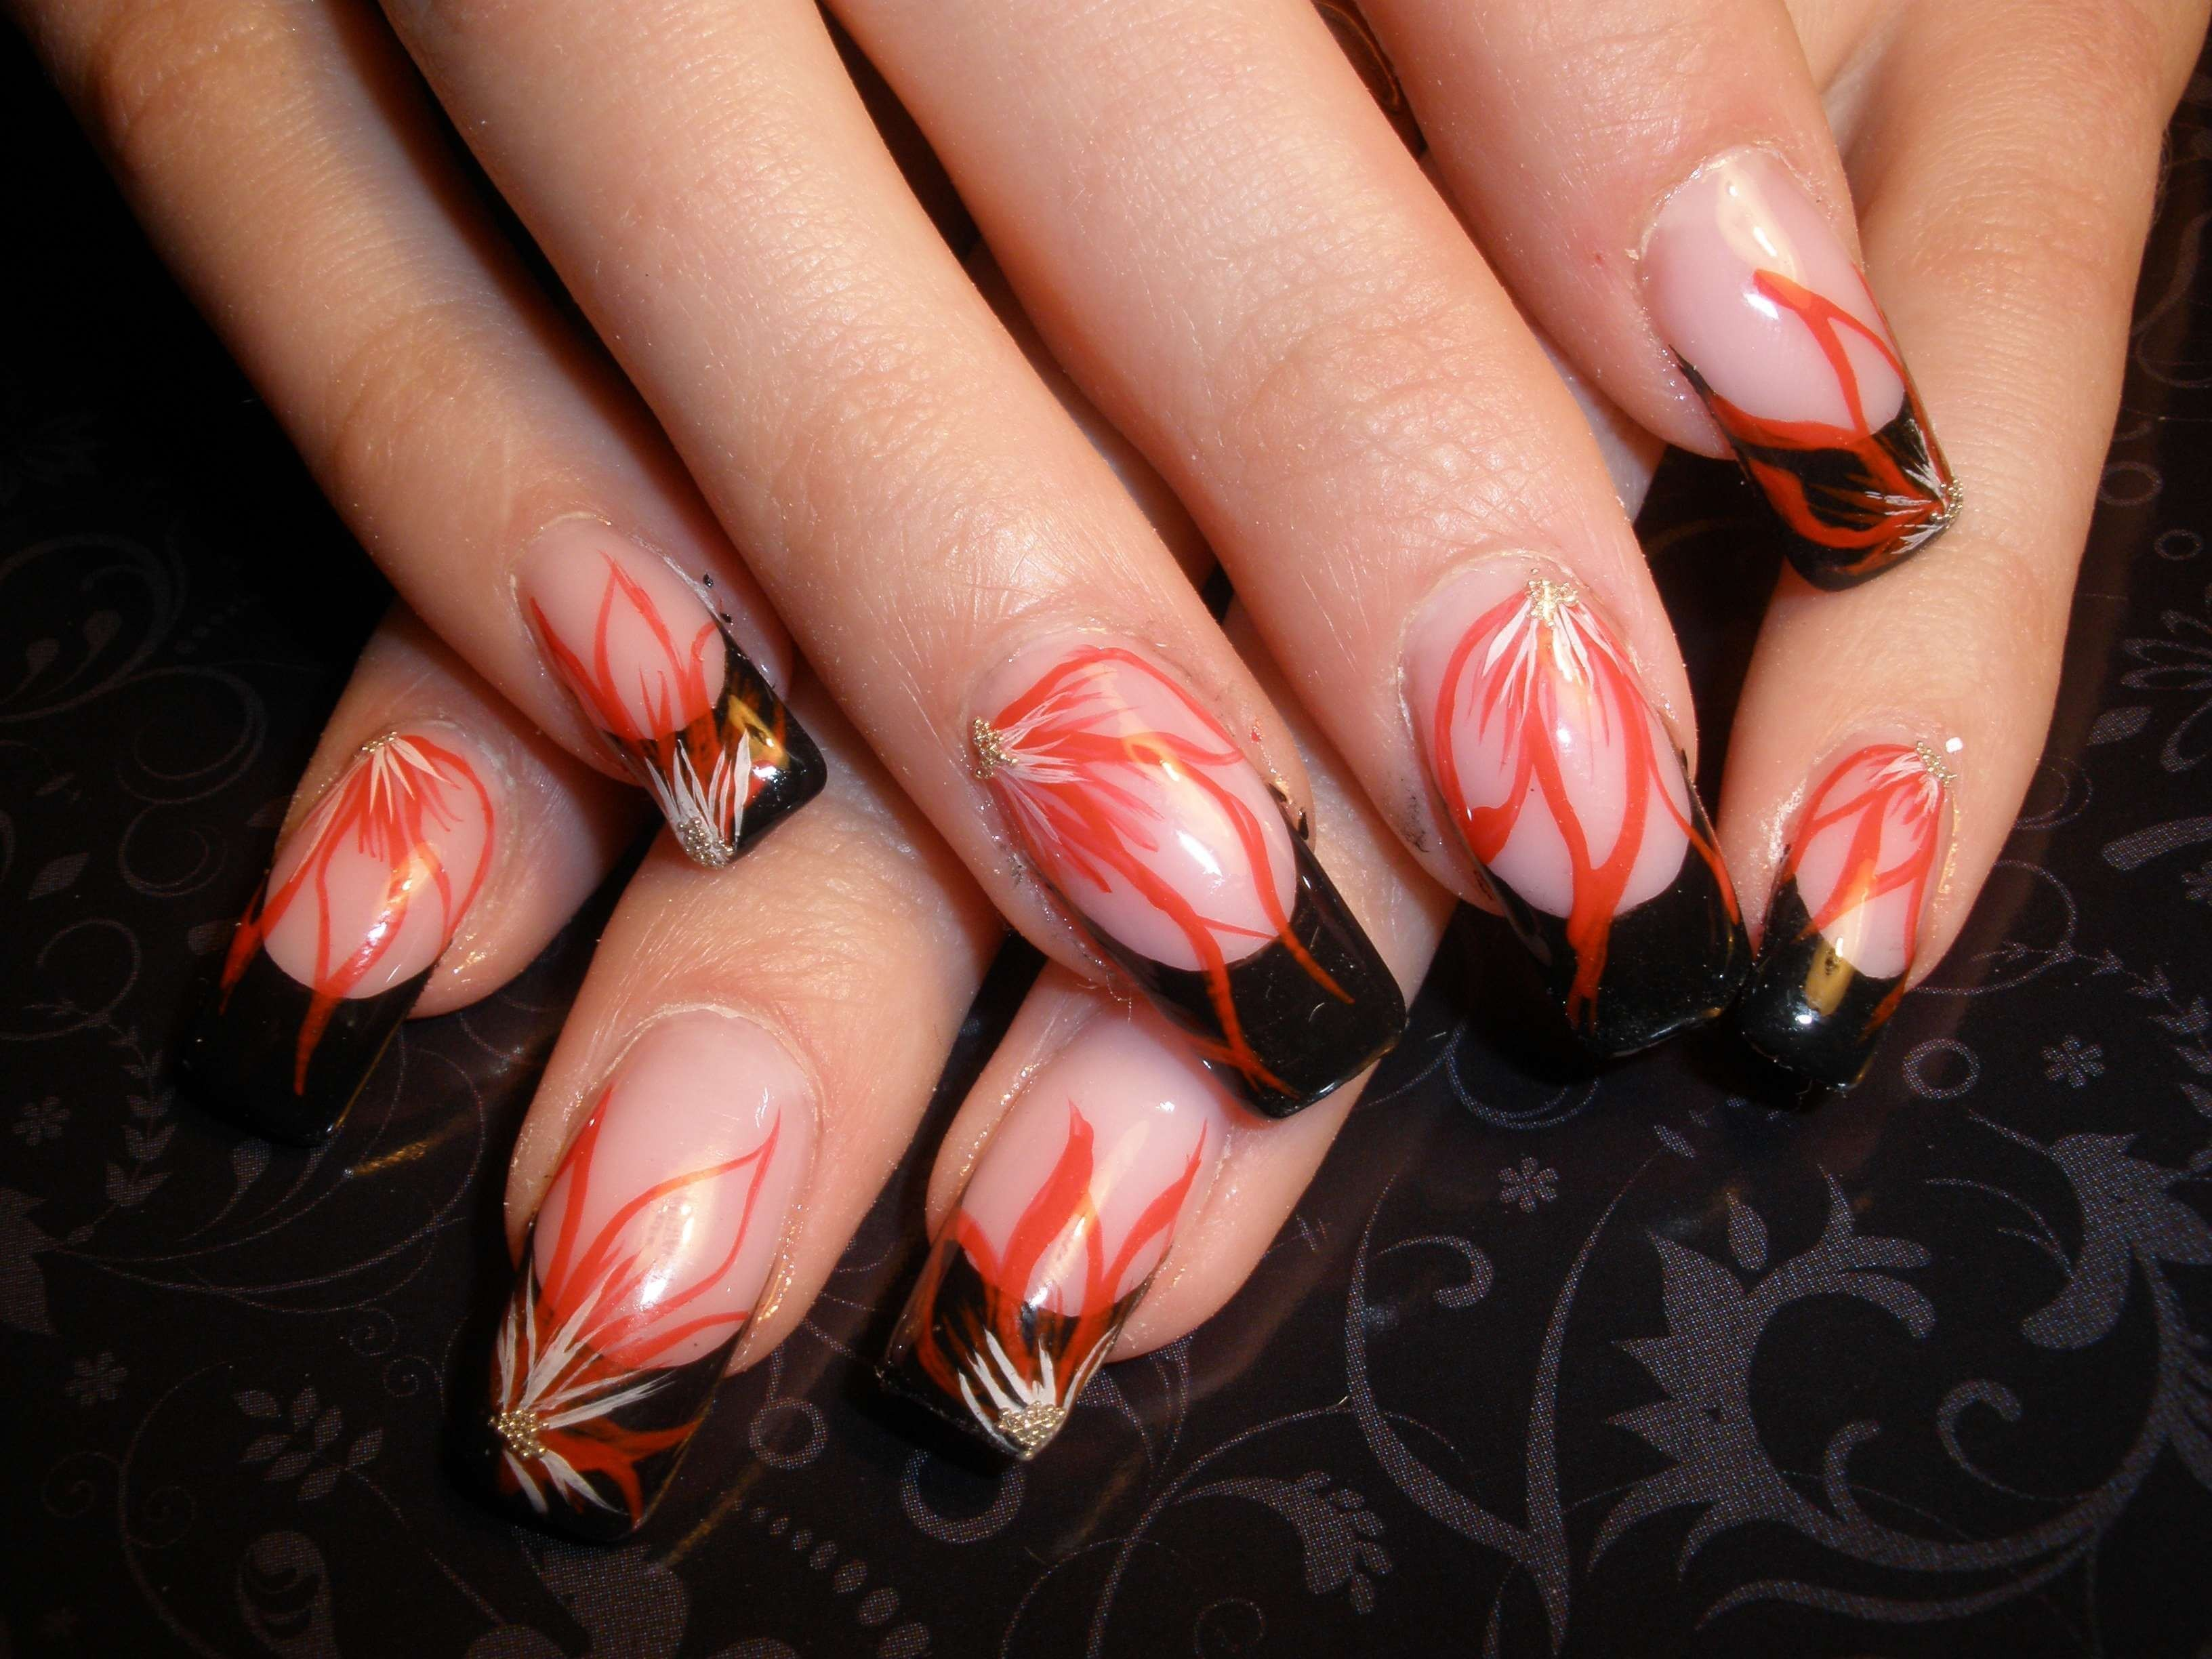 смотреть картинки ногти нарощенные красивый кроме гадюки, все